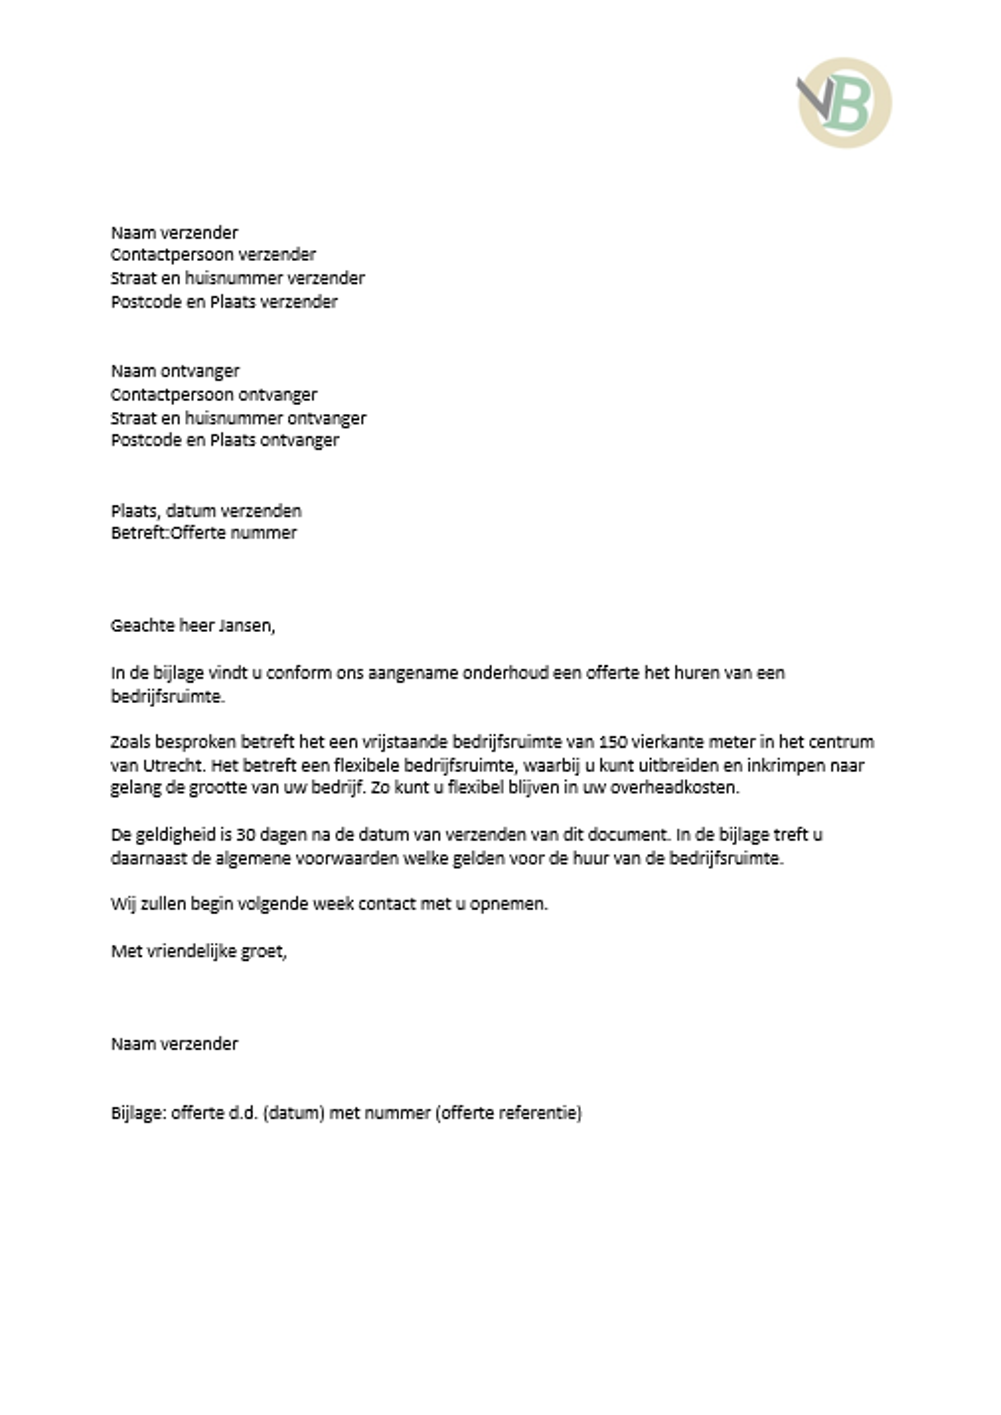 voorbeeld begeleidende brief offerte Voorbeeld offertebrief